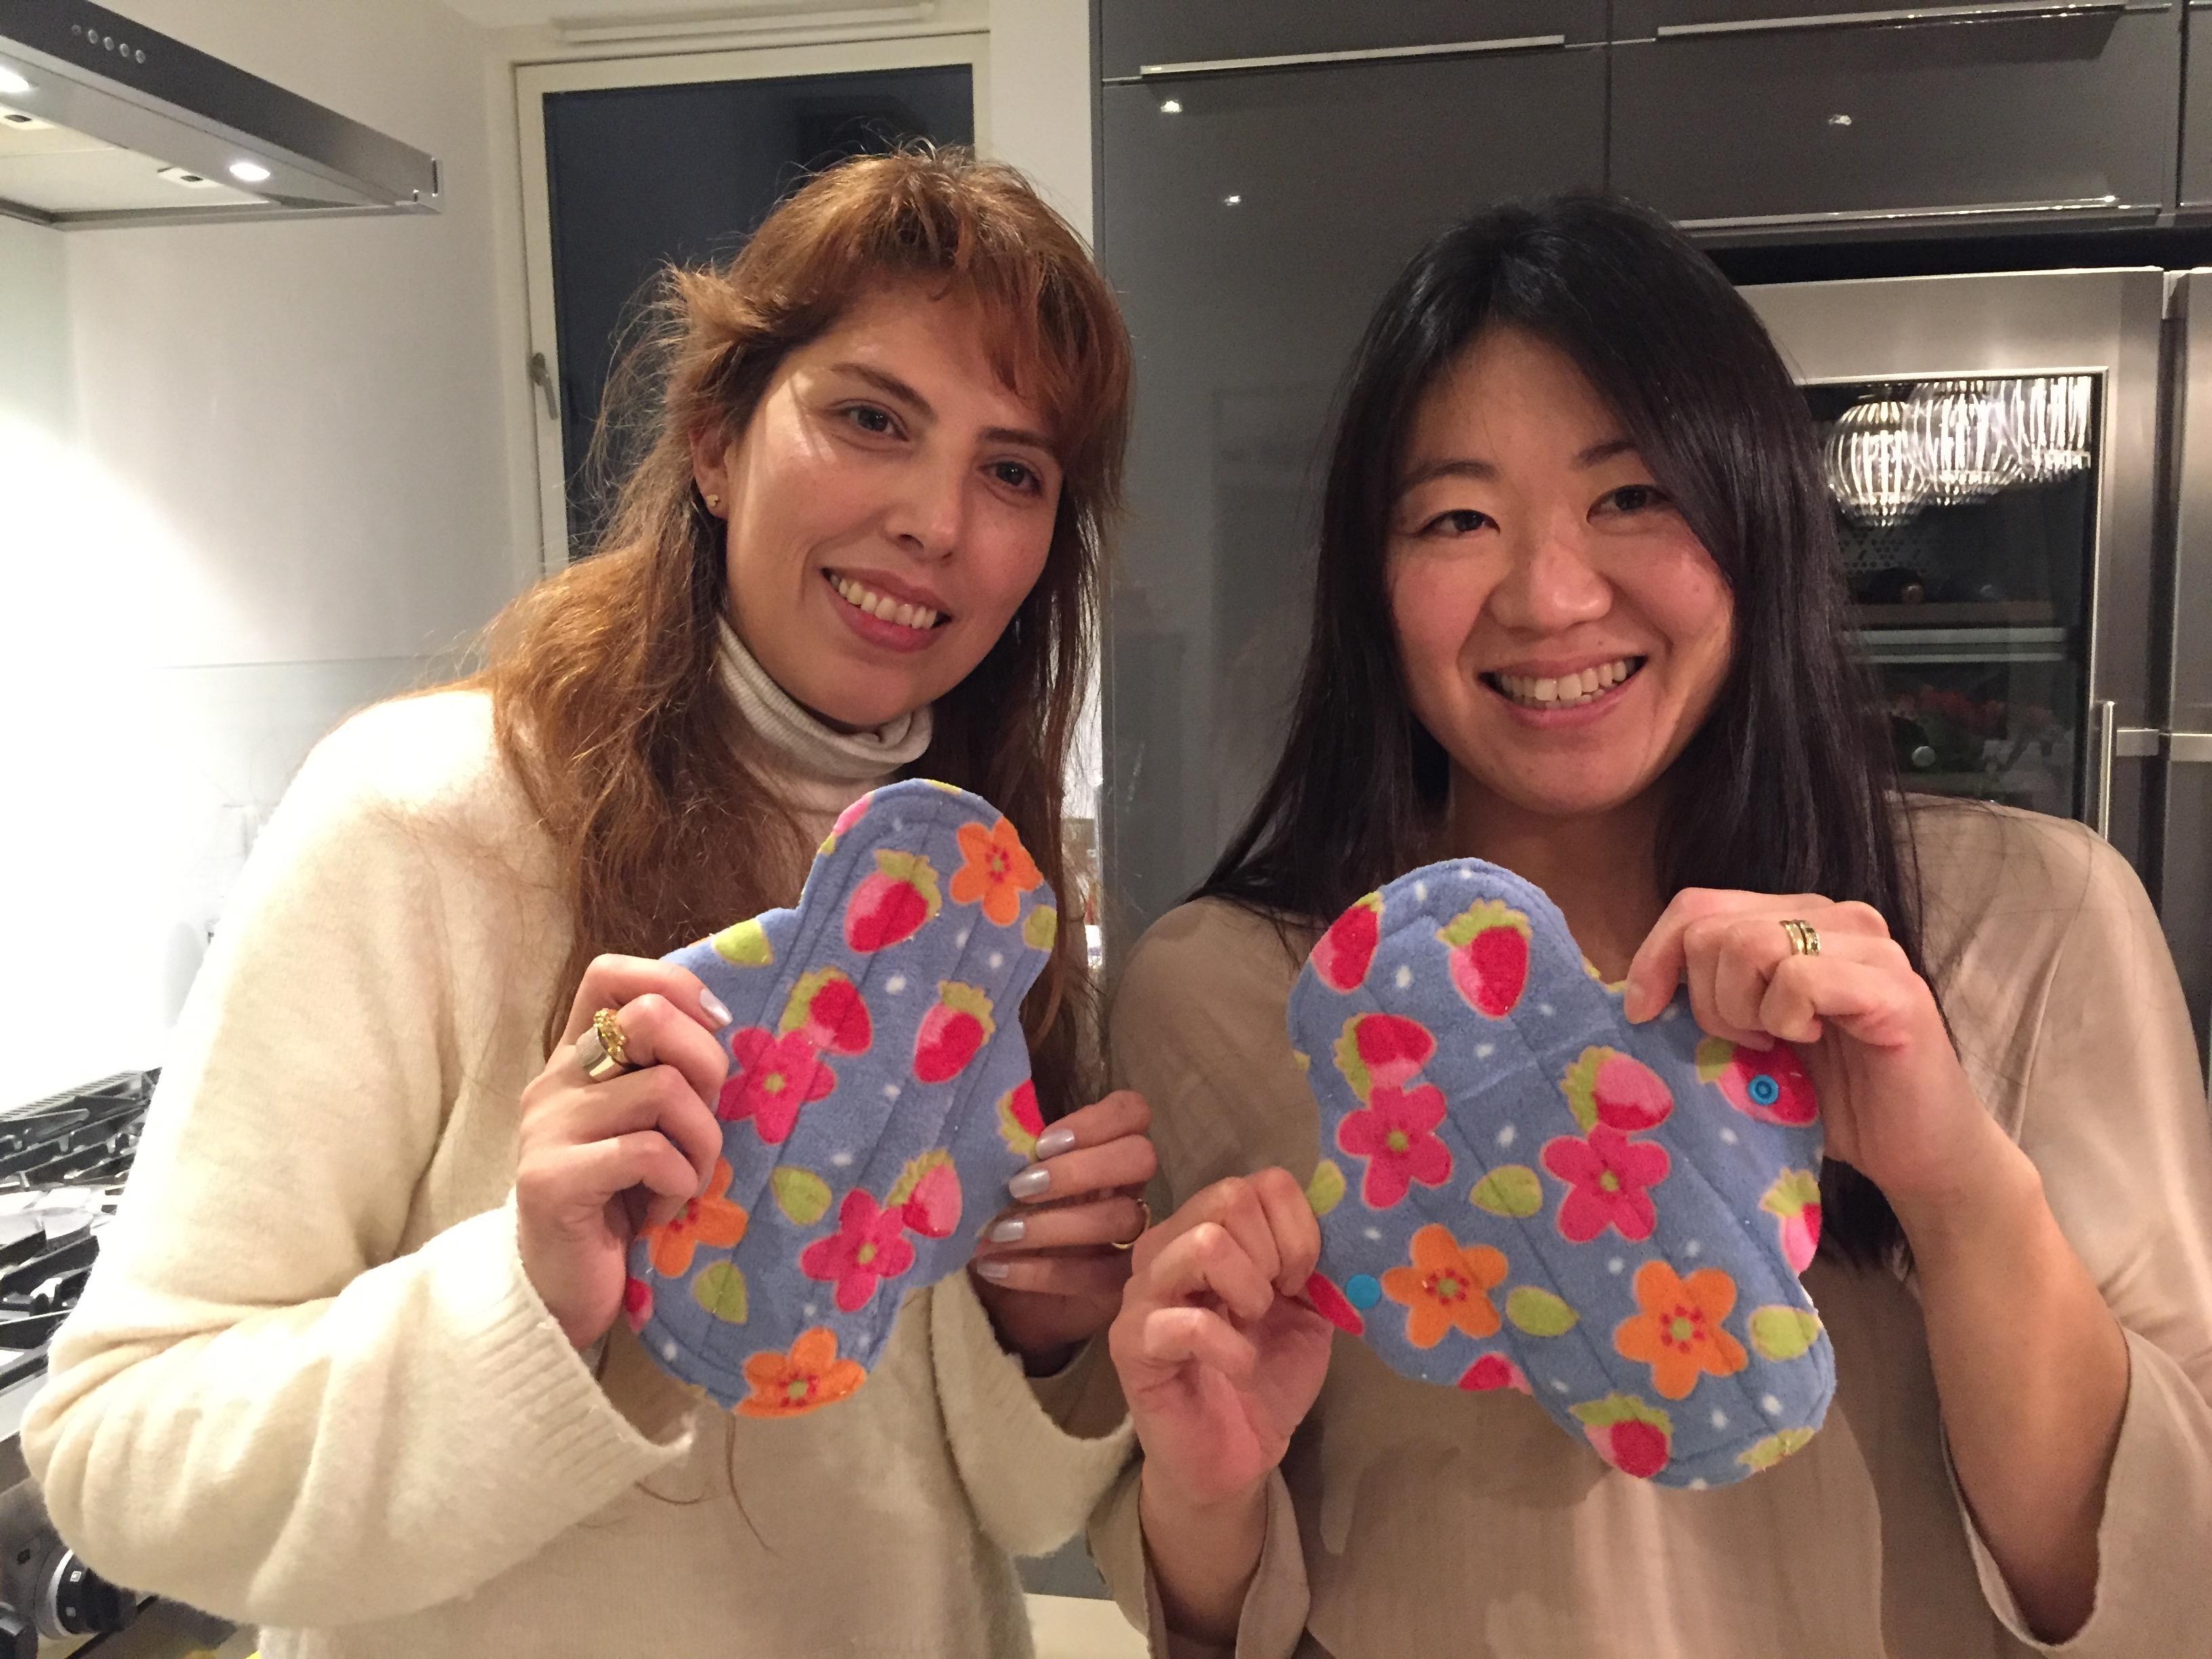 menstrual pads changing Girls